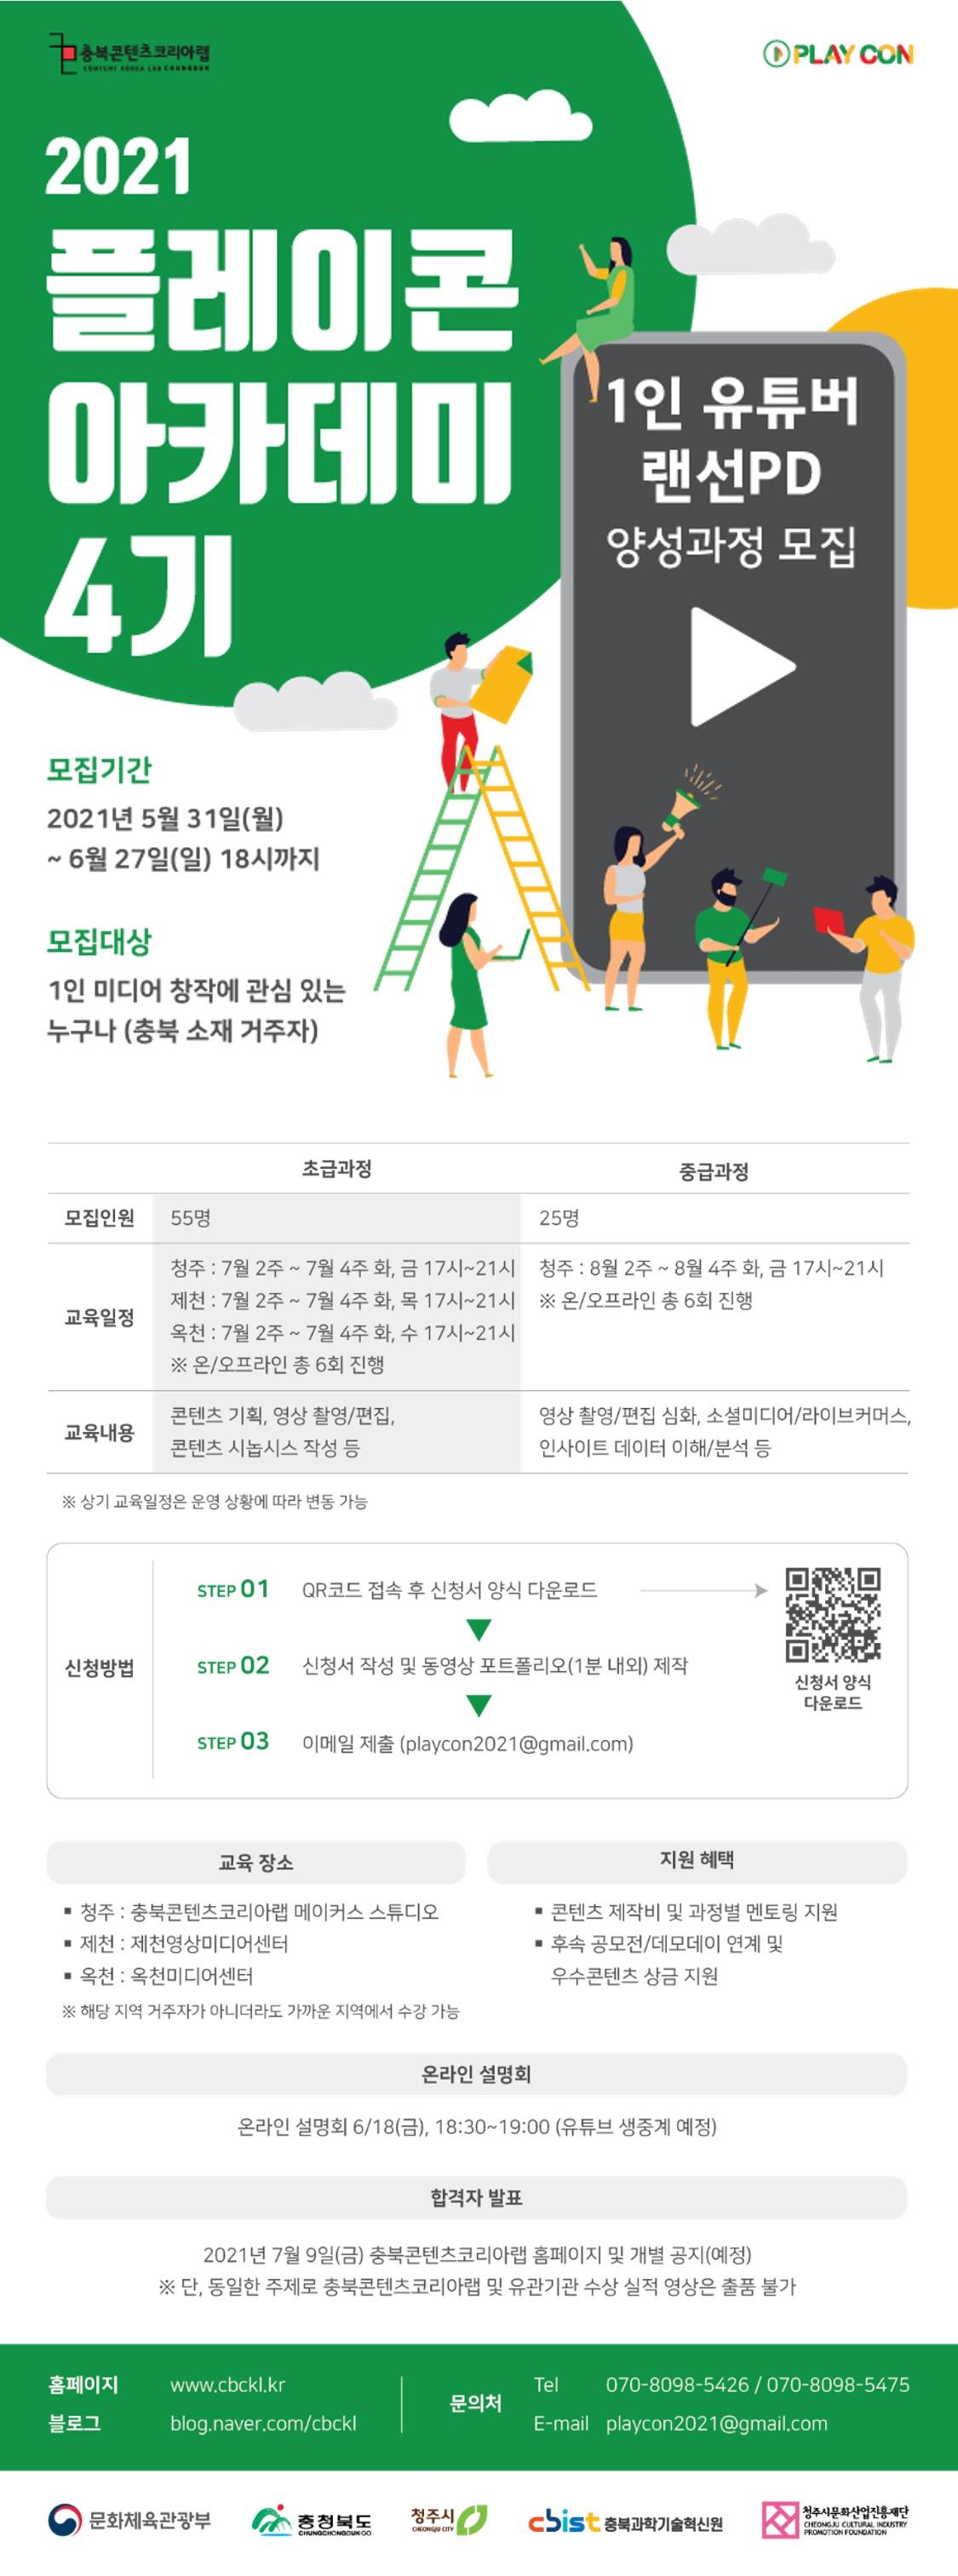 [포스터] 21 플레이콘 아카데미 4기 모집_온라인_최종.jpg